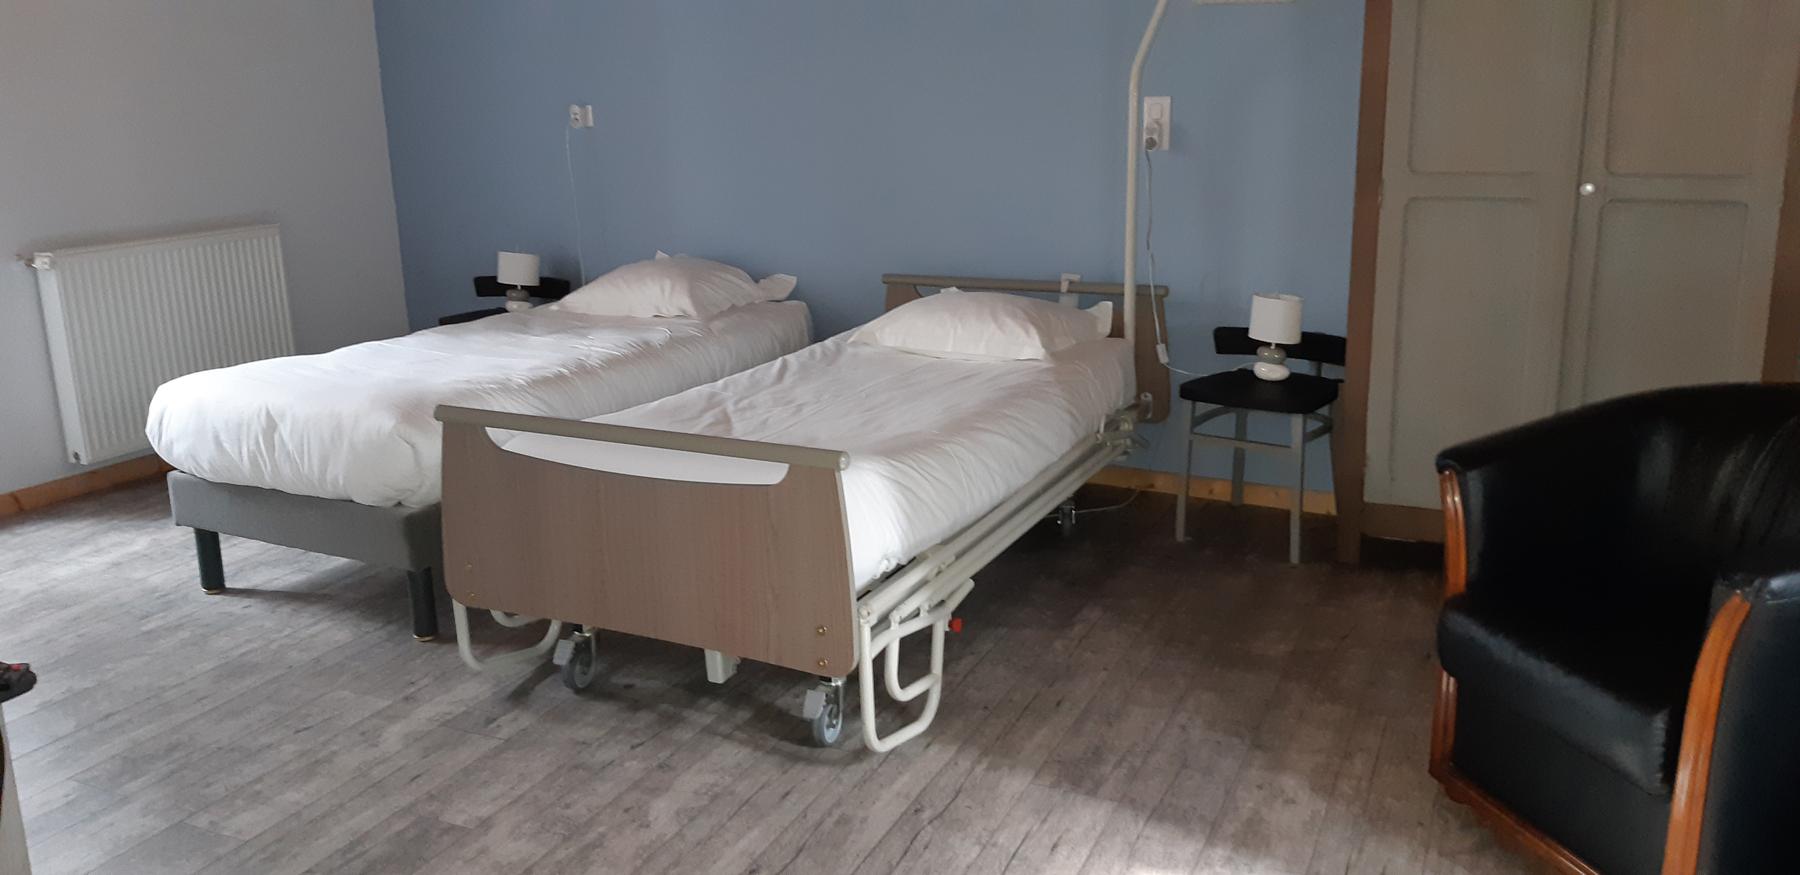 La chambre Alsace équipée d'un lit médical